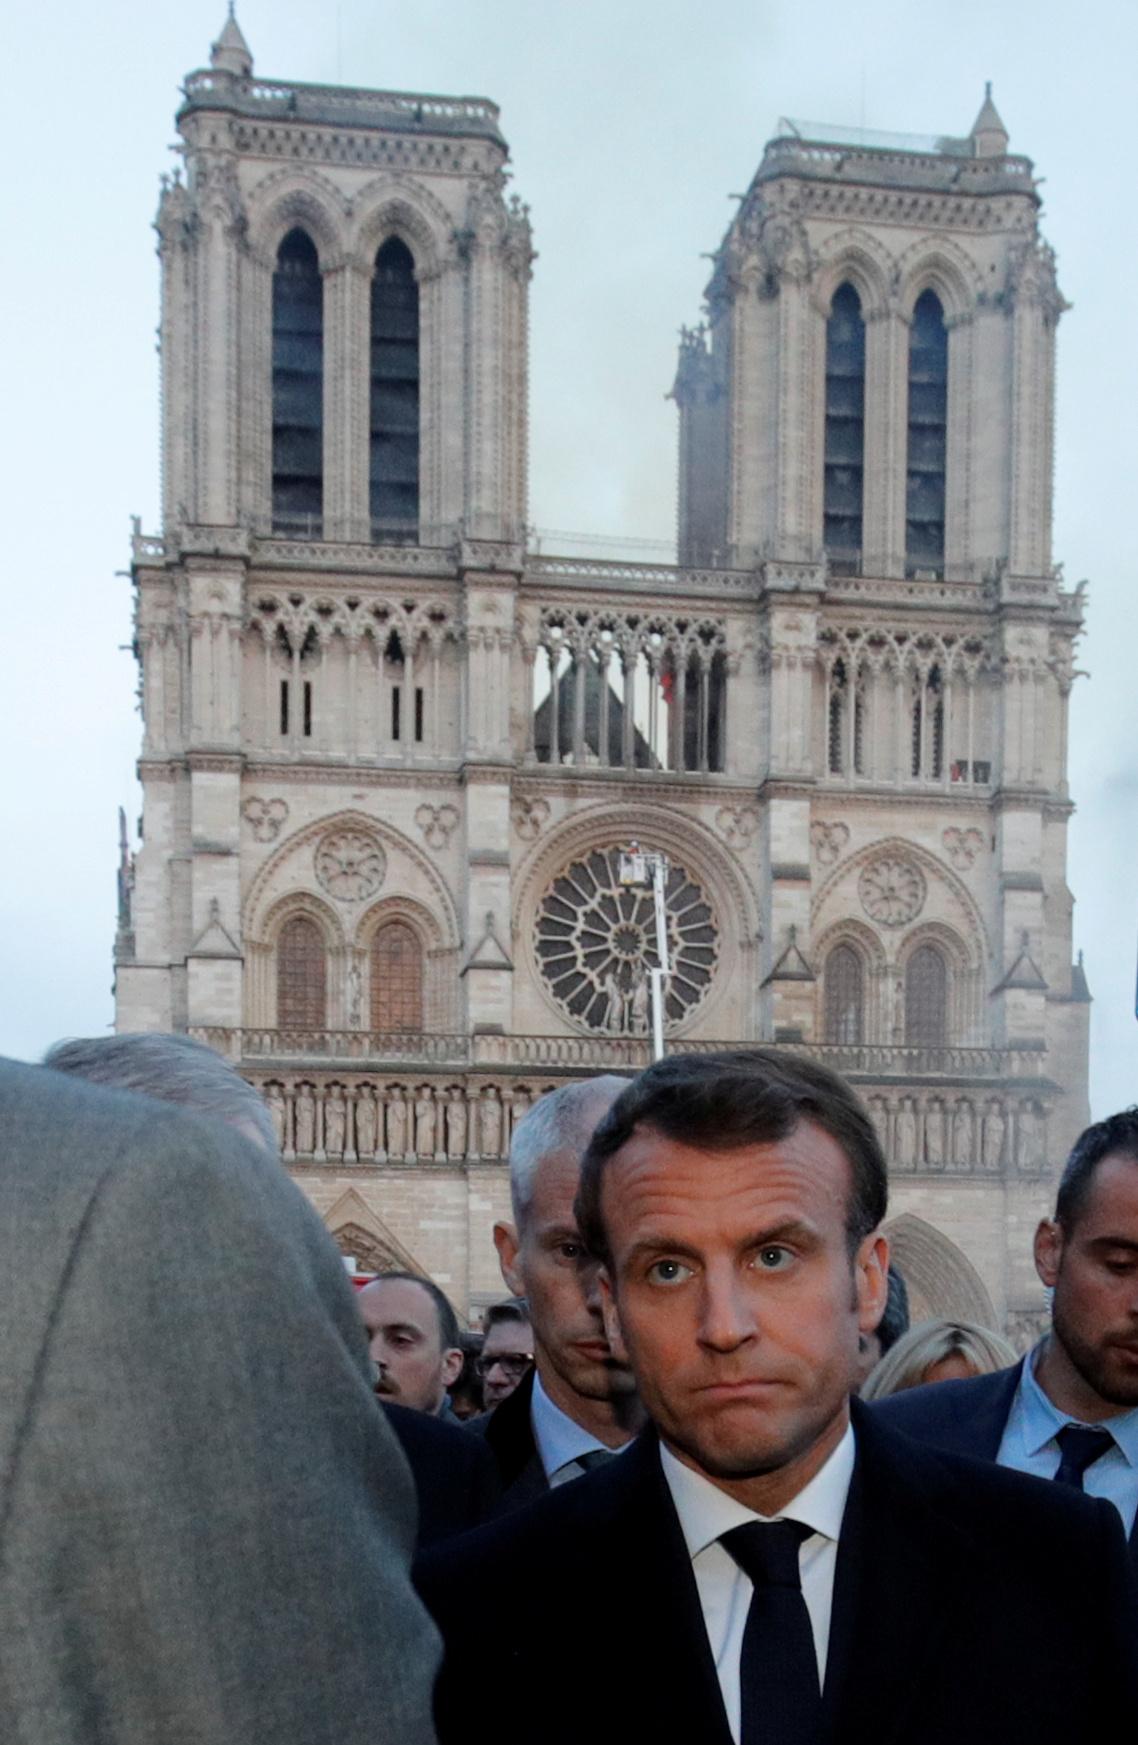 زيارة ماكرزن للكاتدرائية (2)